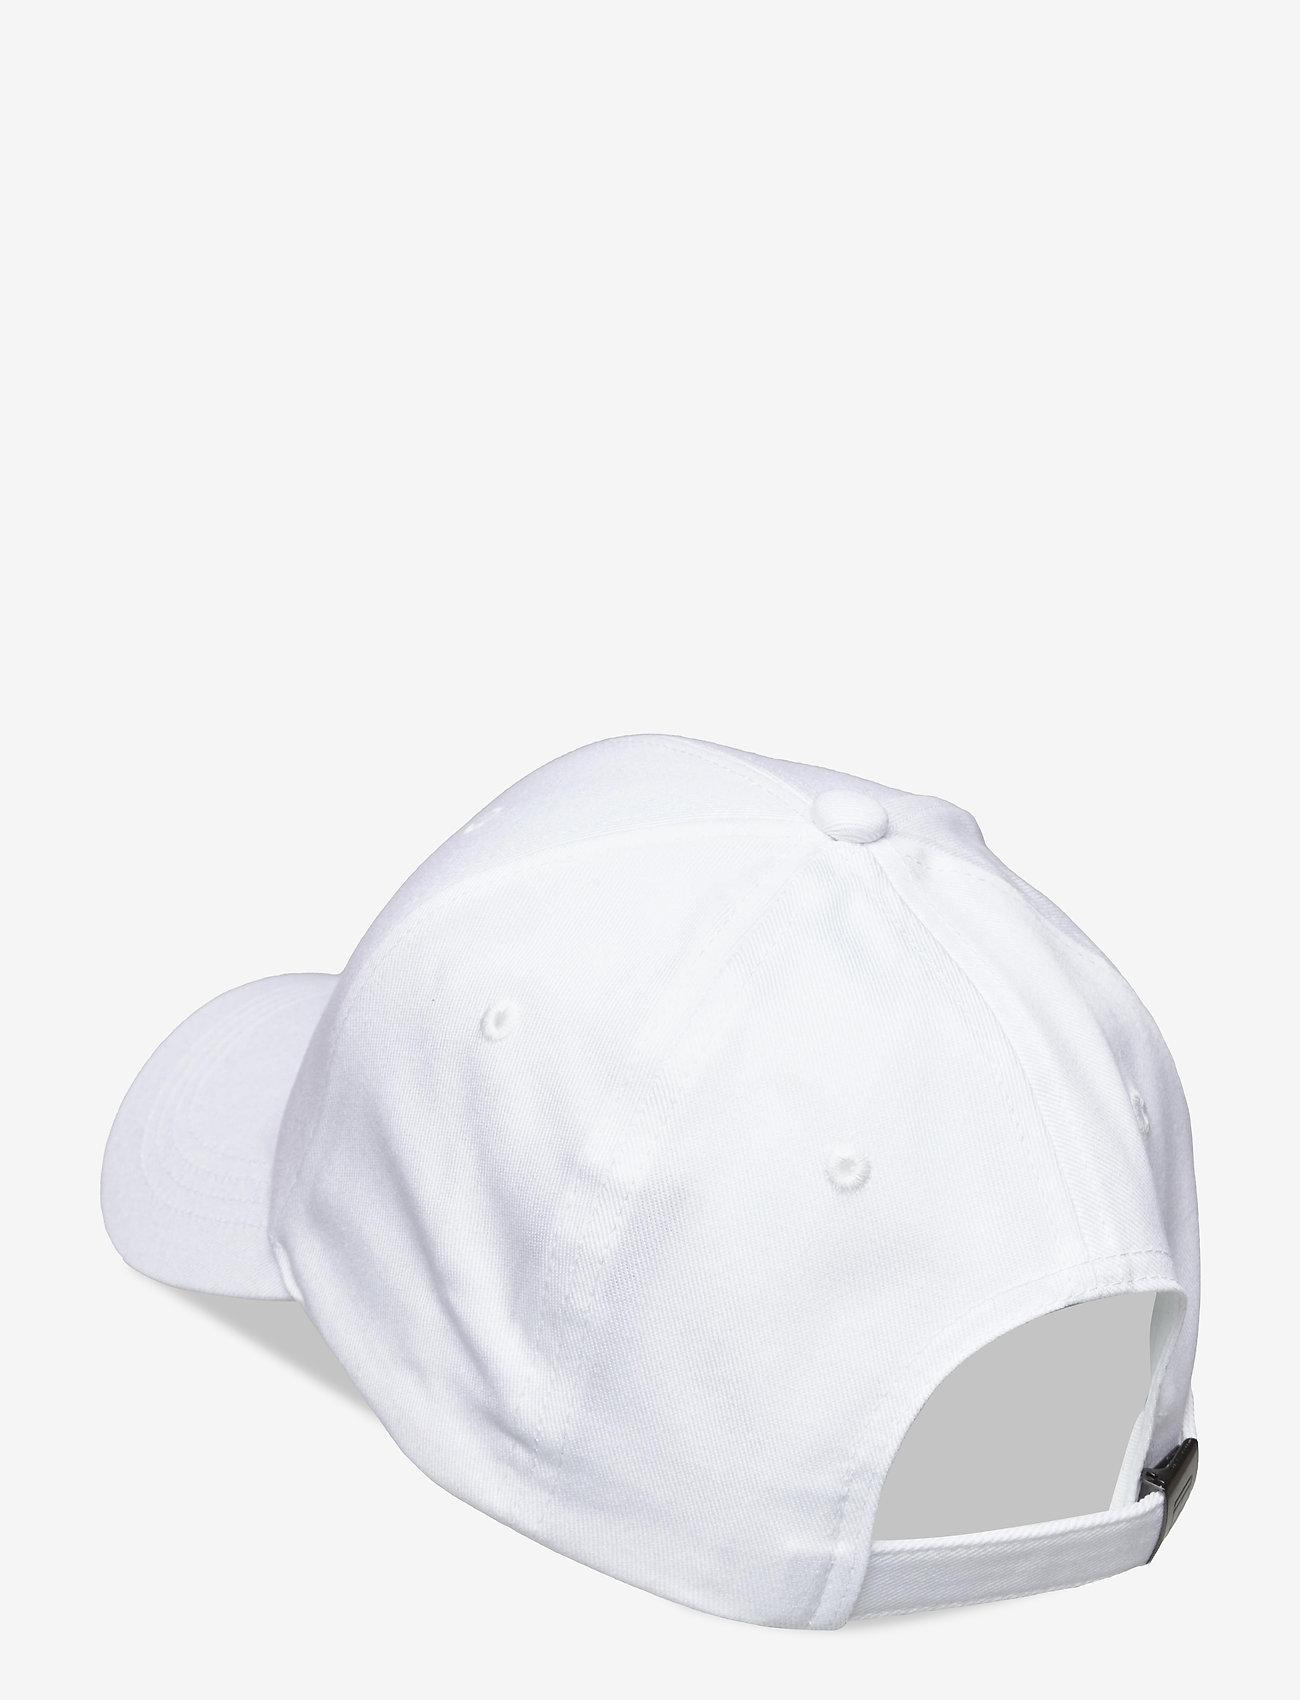 Tommy Hilfiger - TH ESTABLISHED CAP - kasketter - white - 1